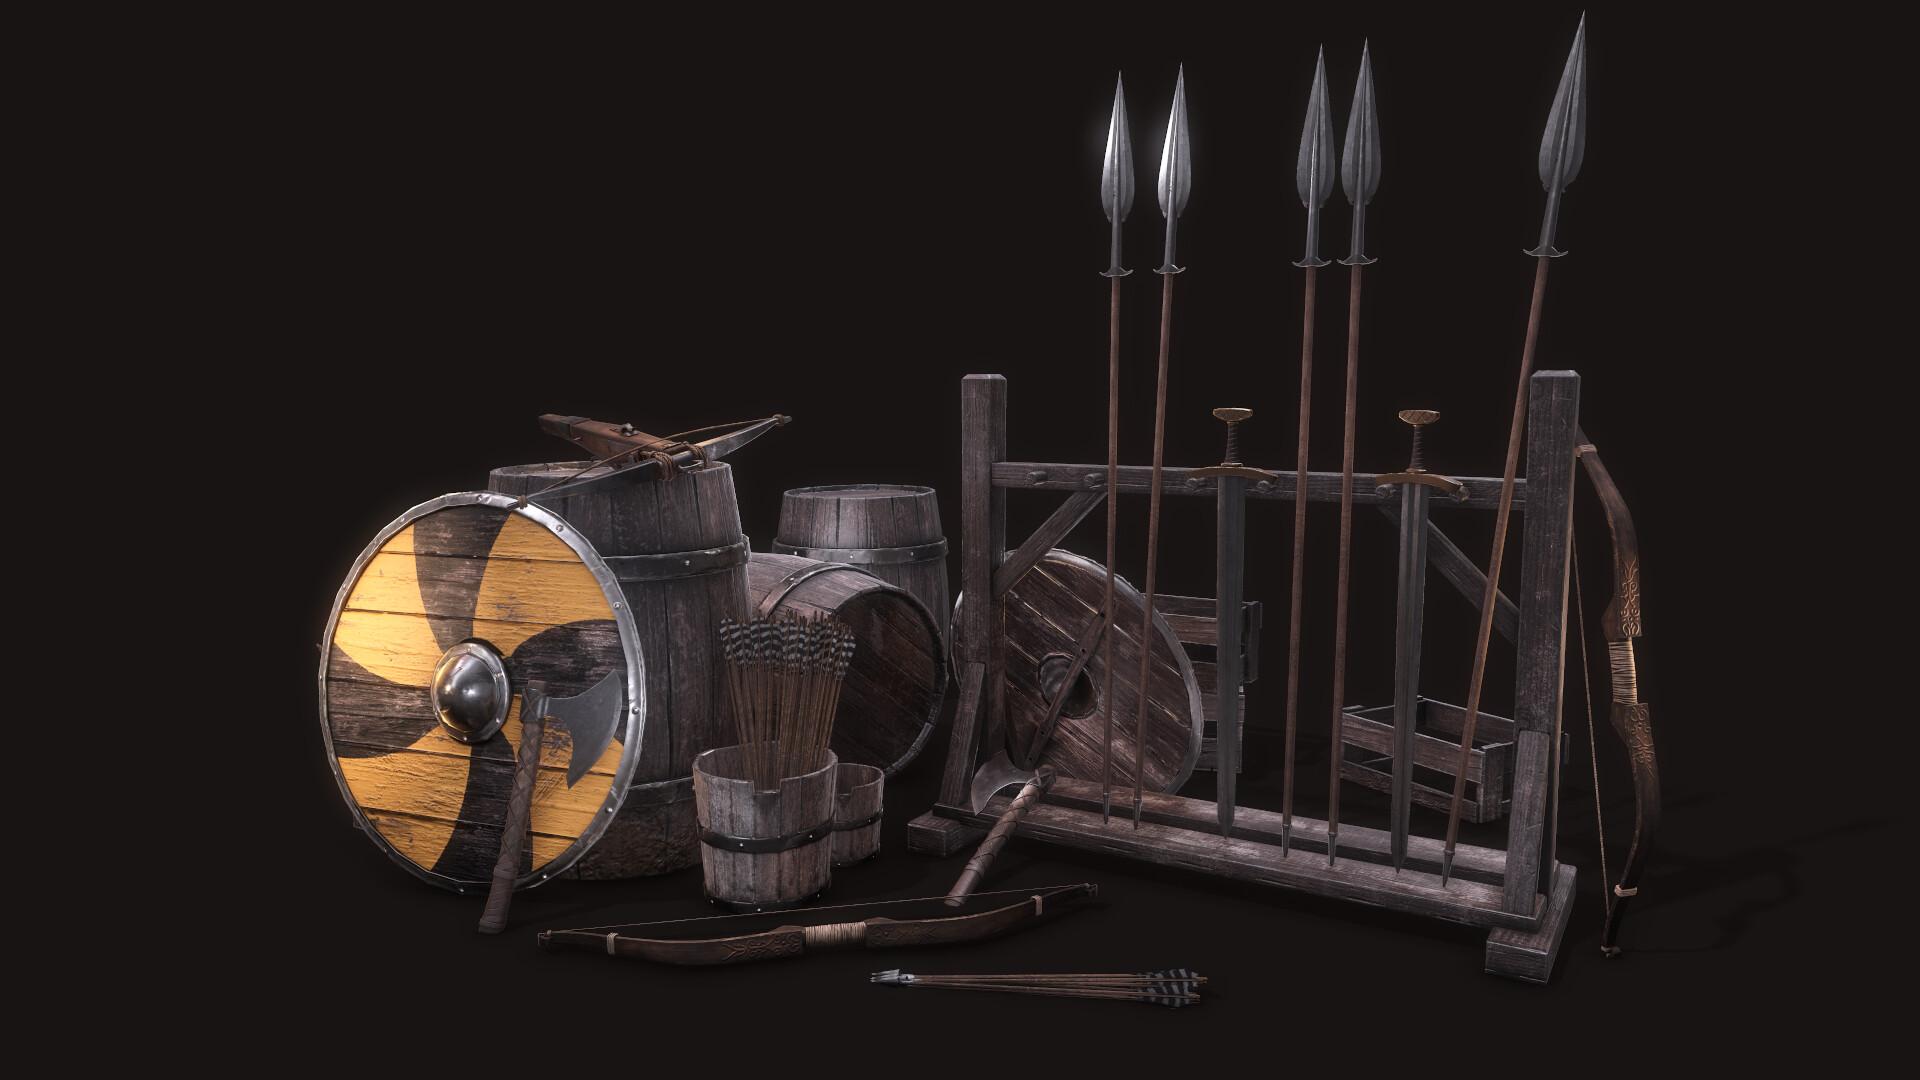 stephane-charre-weapons-04.jpg